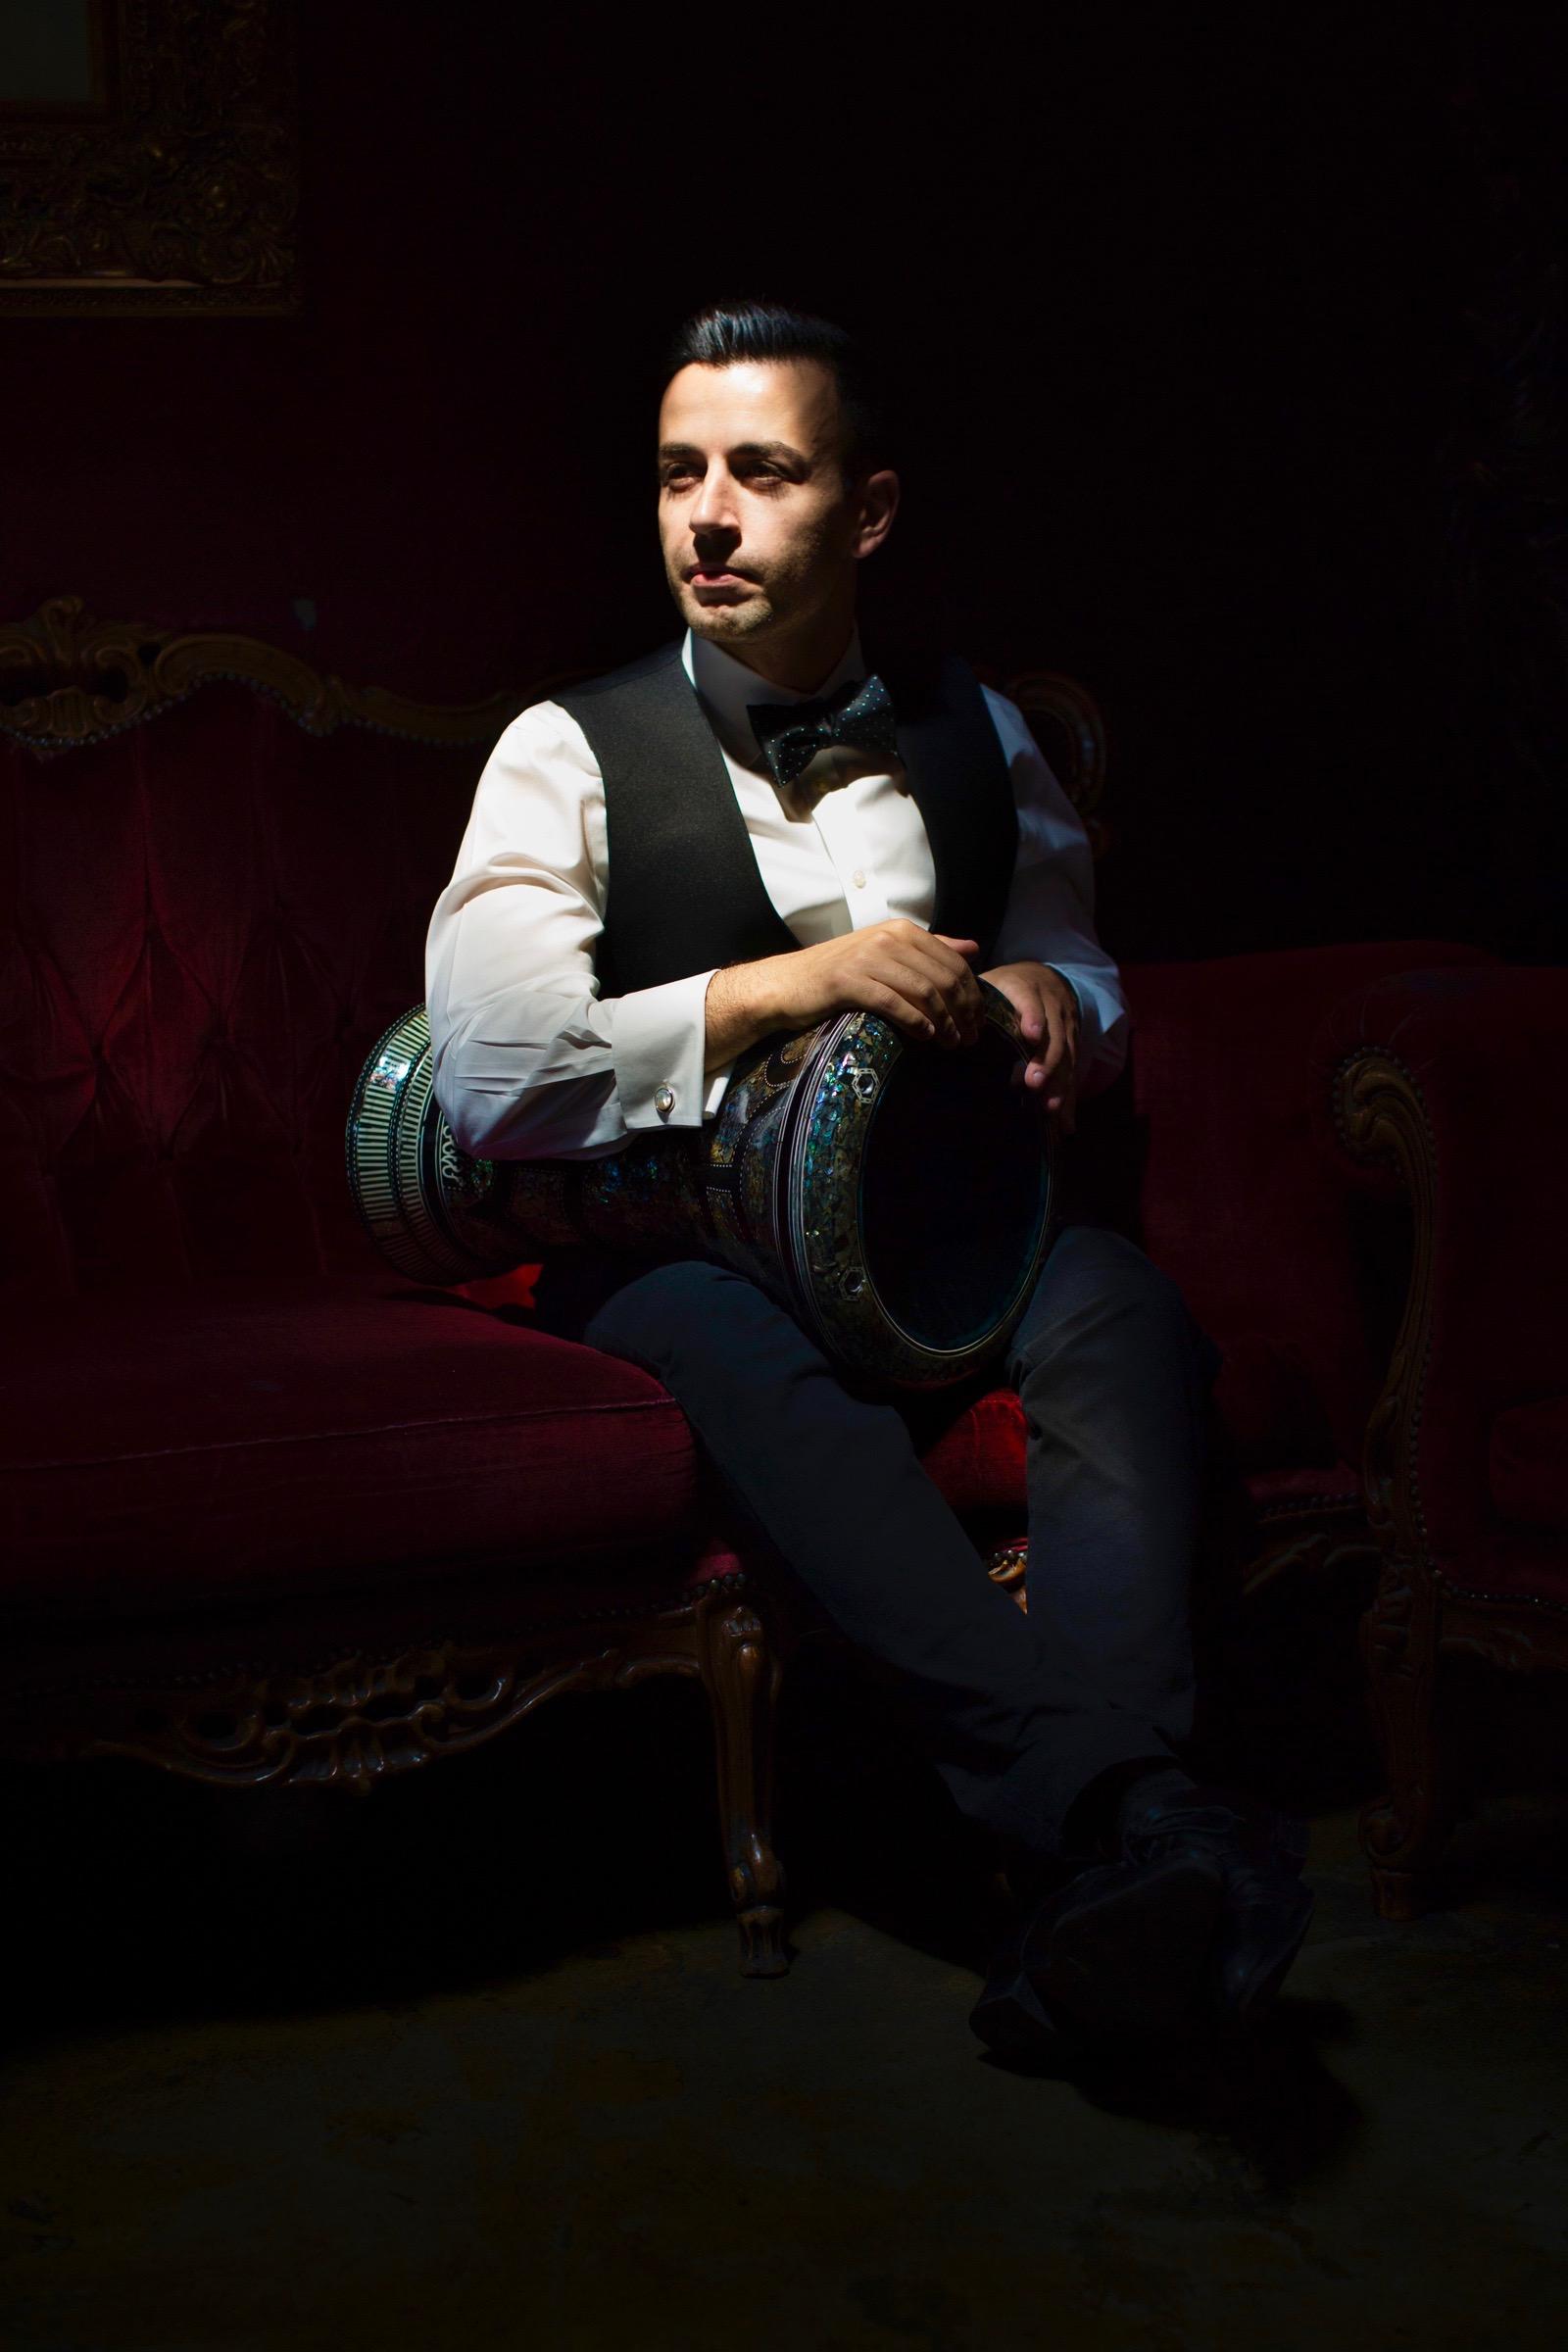 Darbuka Melbourne, Arabic drummer, belly dance Melbourne.jpg